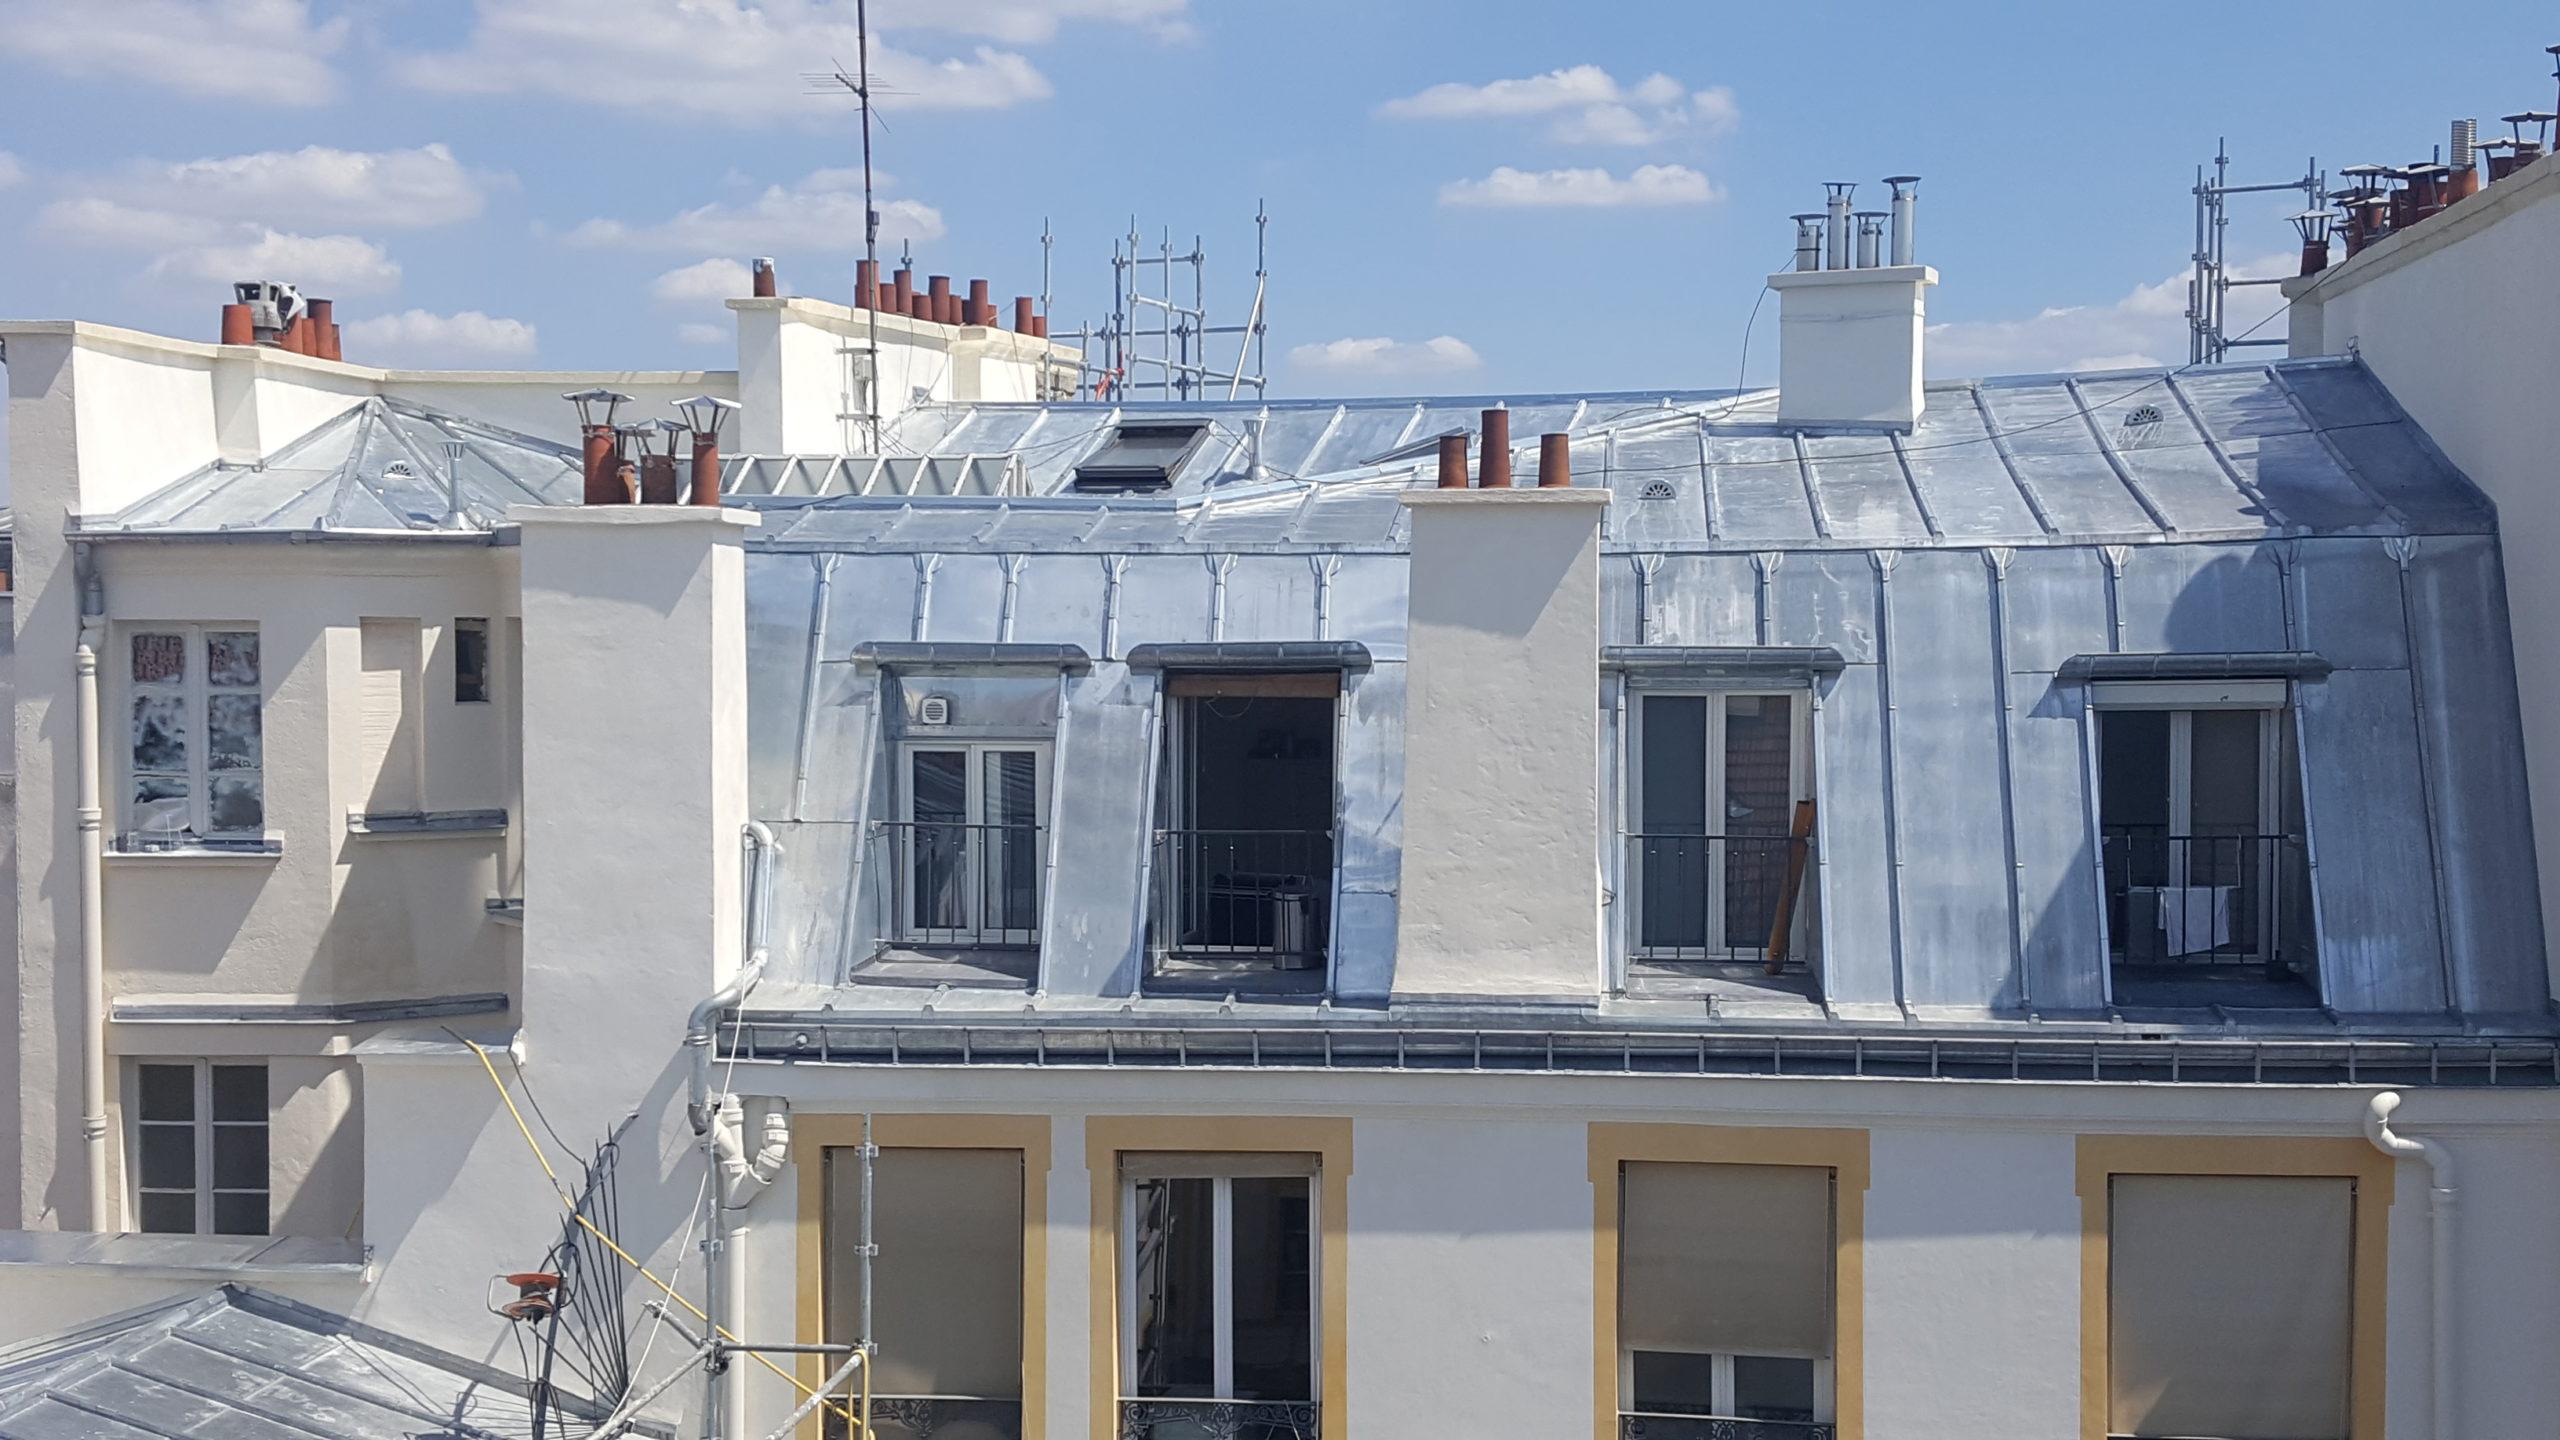 Passage du Bourg l'Abbé – 120 rue Saint Denis 75004 Paris